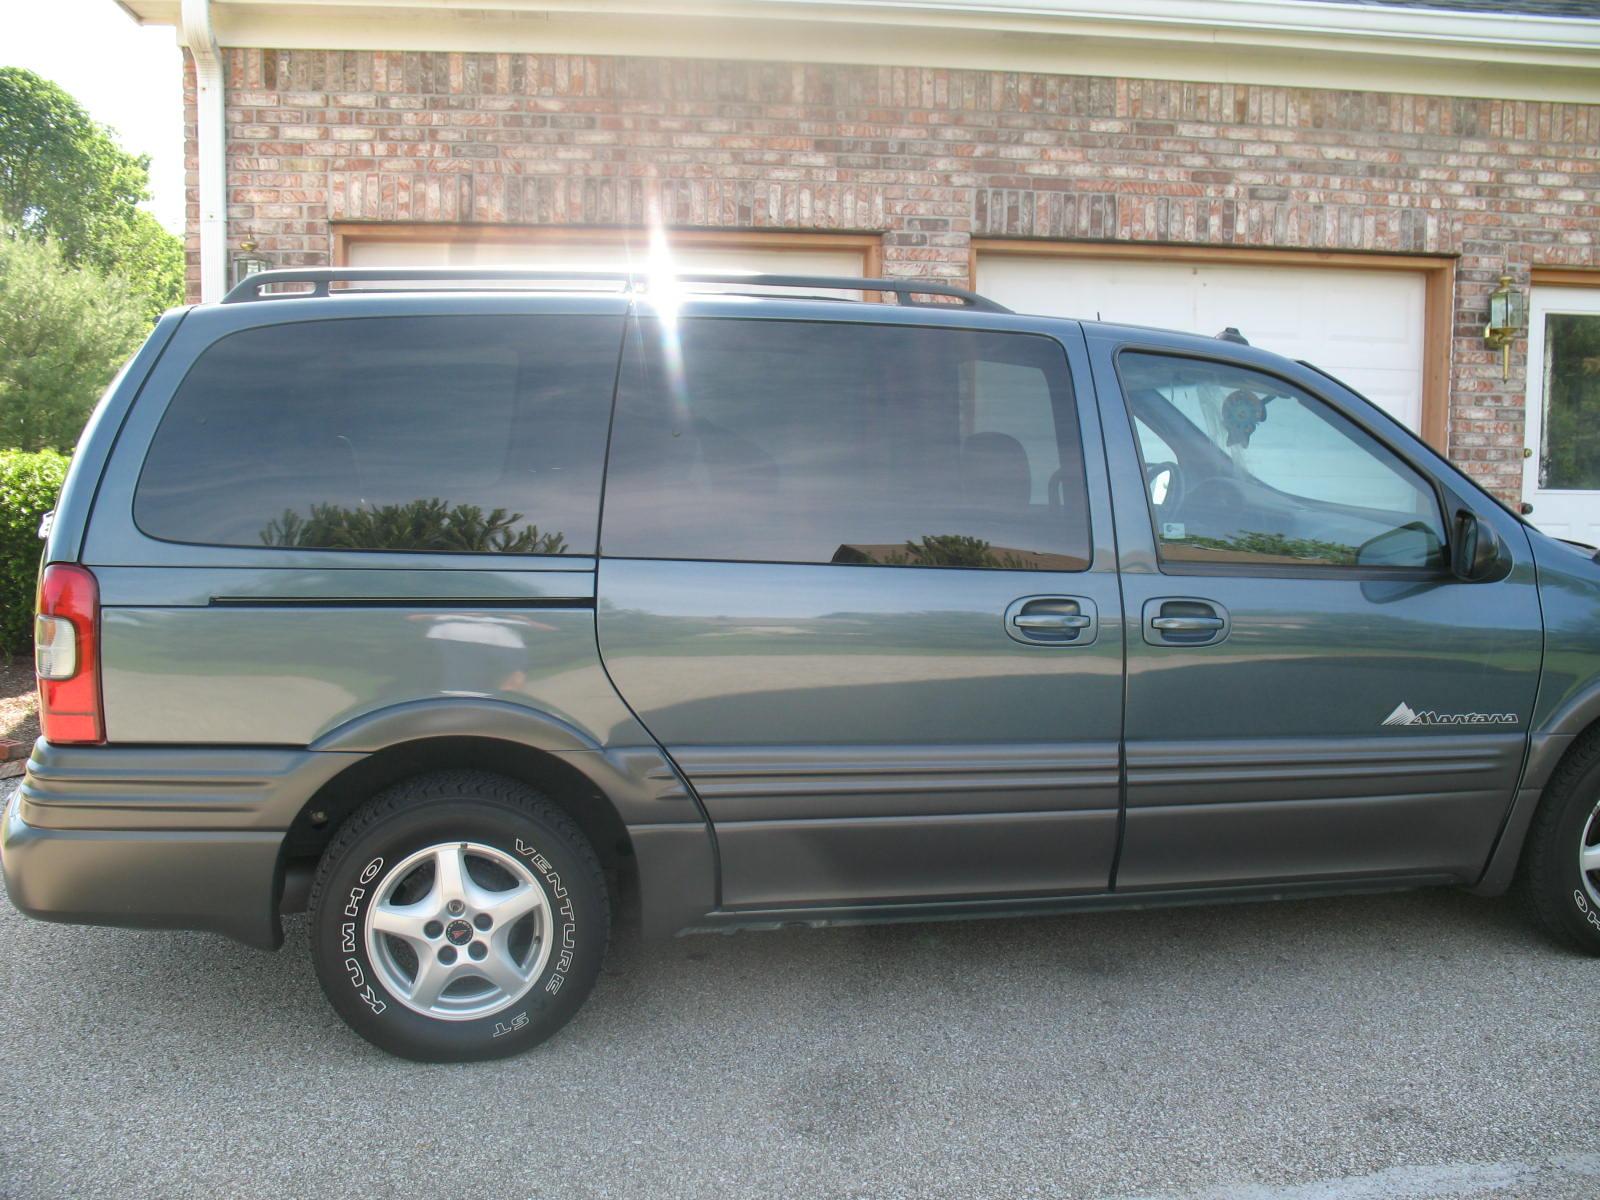 2004 Pontiac Montana - Pictures - 2004 Pontiac Montana 1SE Ext ...